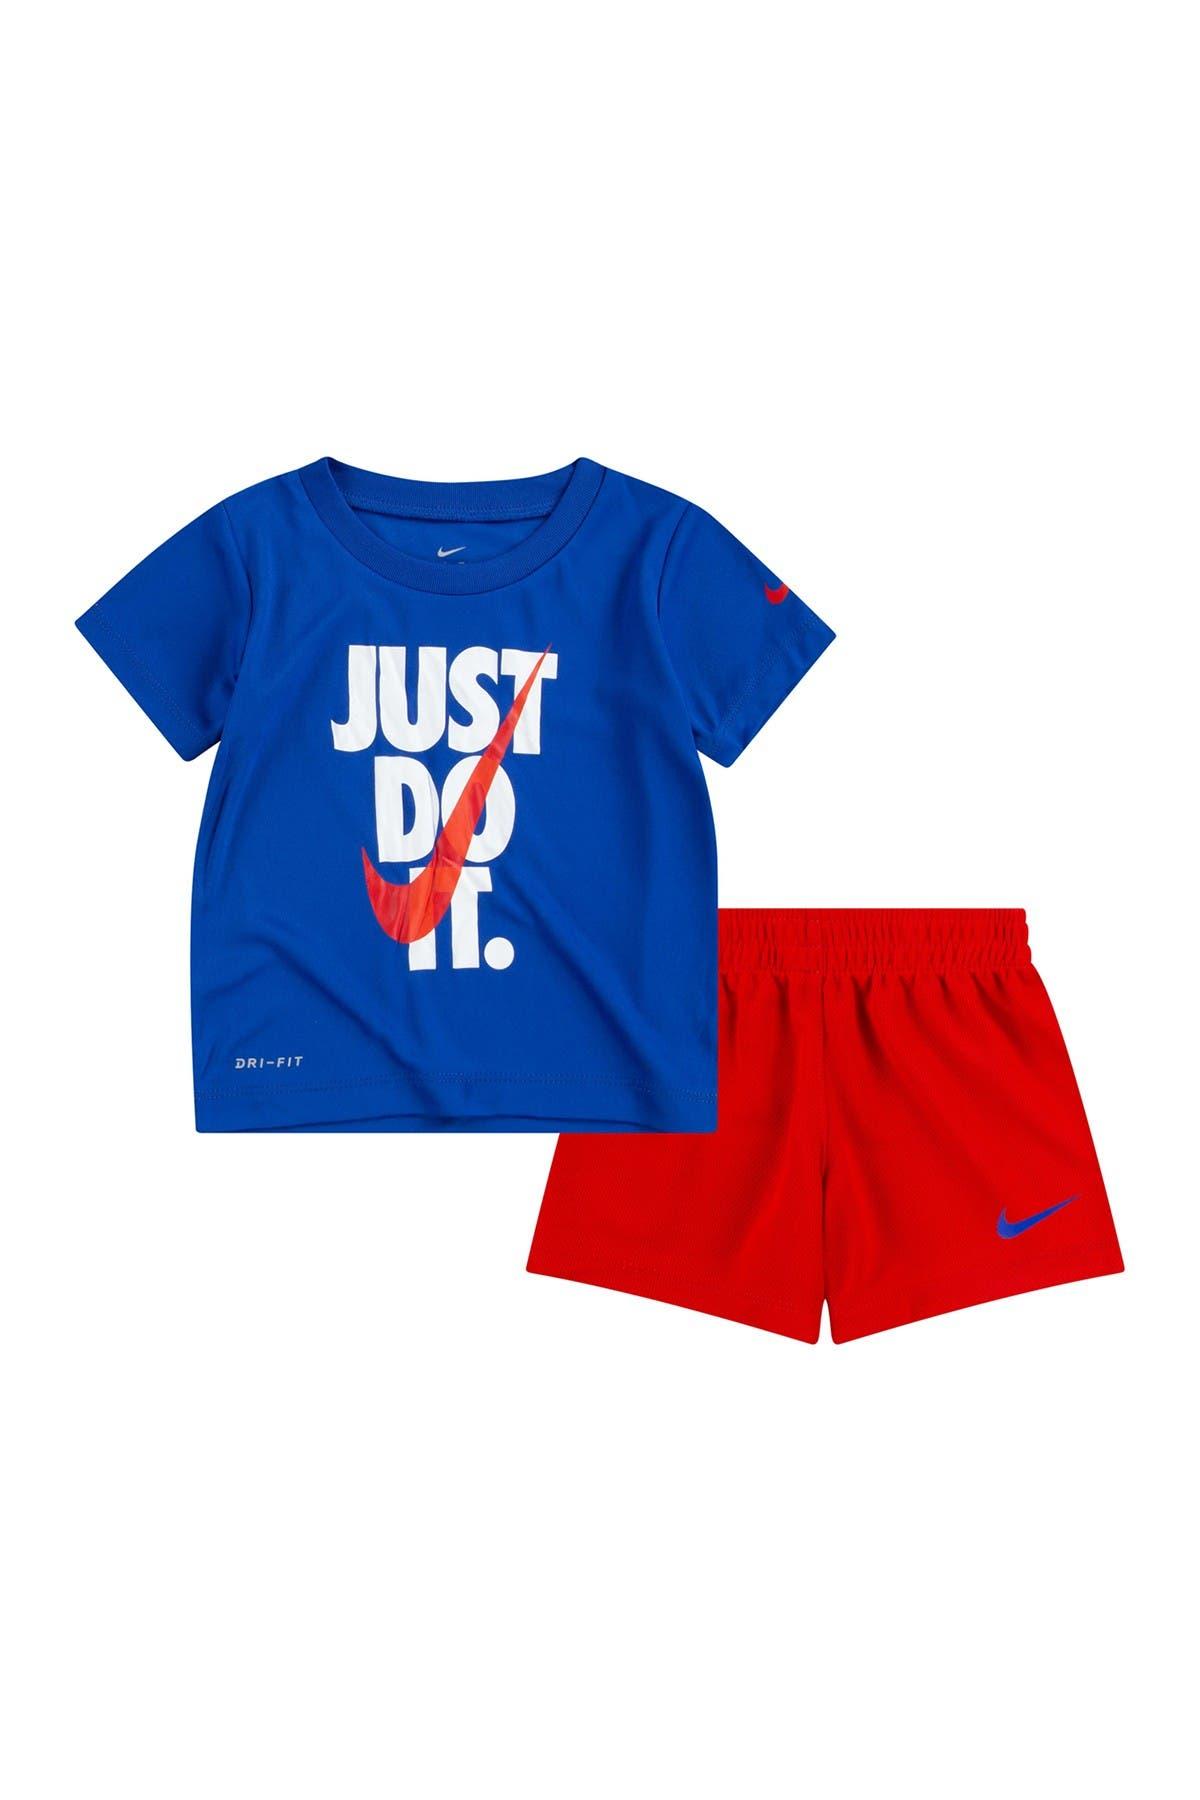 Image of Nike Just Do It T-Shirt & Shorts Set